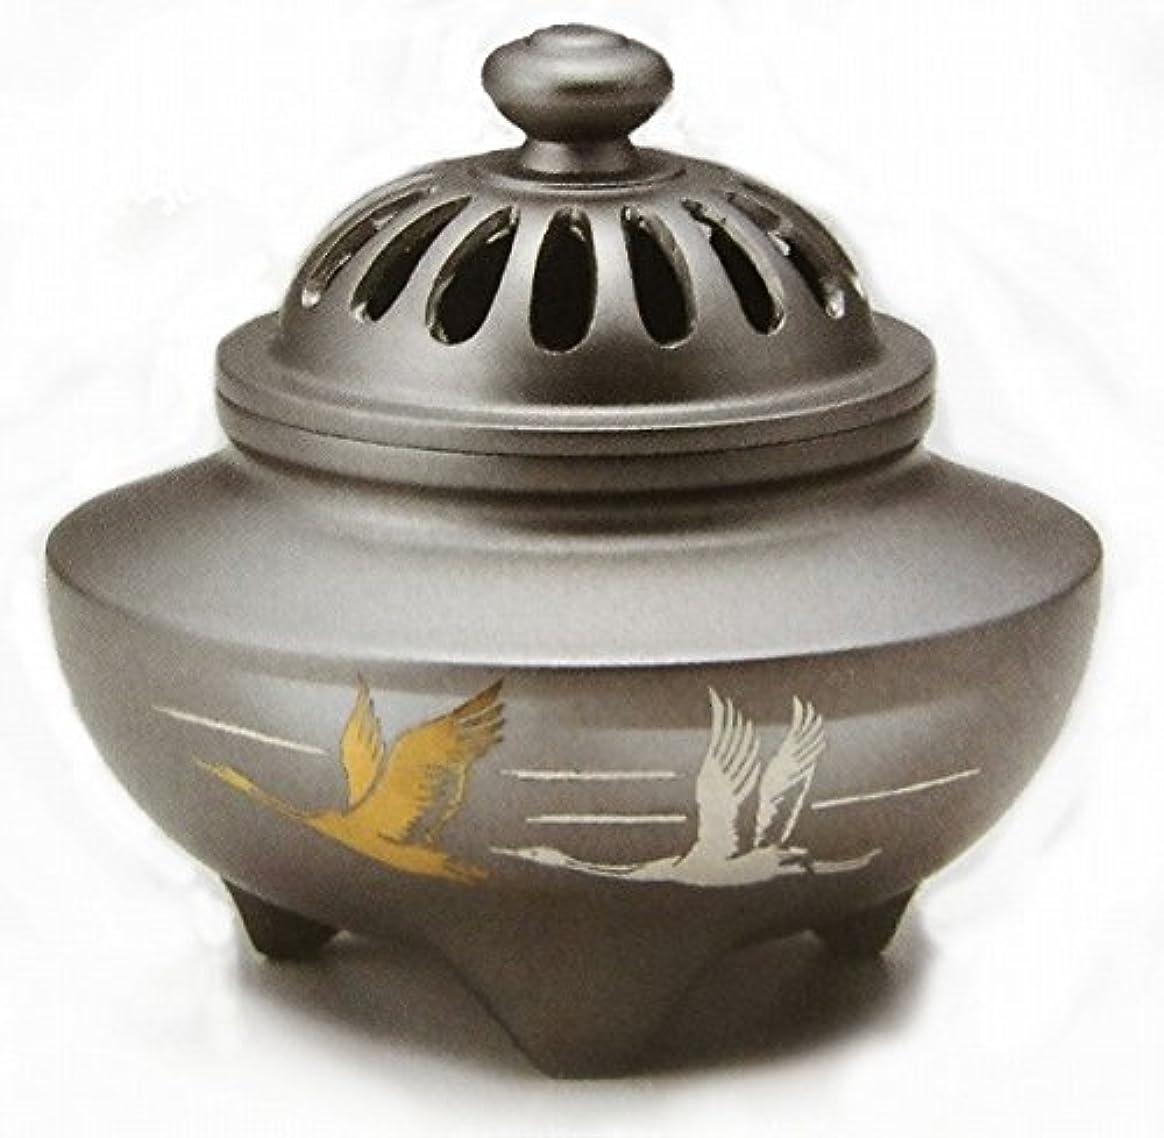 ミケランジェロ今まで方法論『玉利久双鶴香炉』銅製